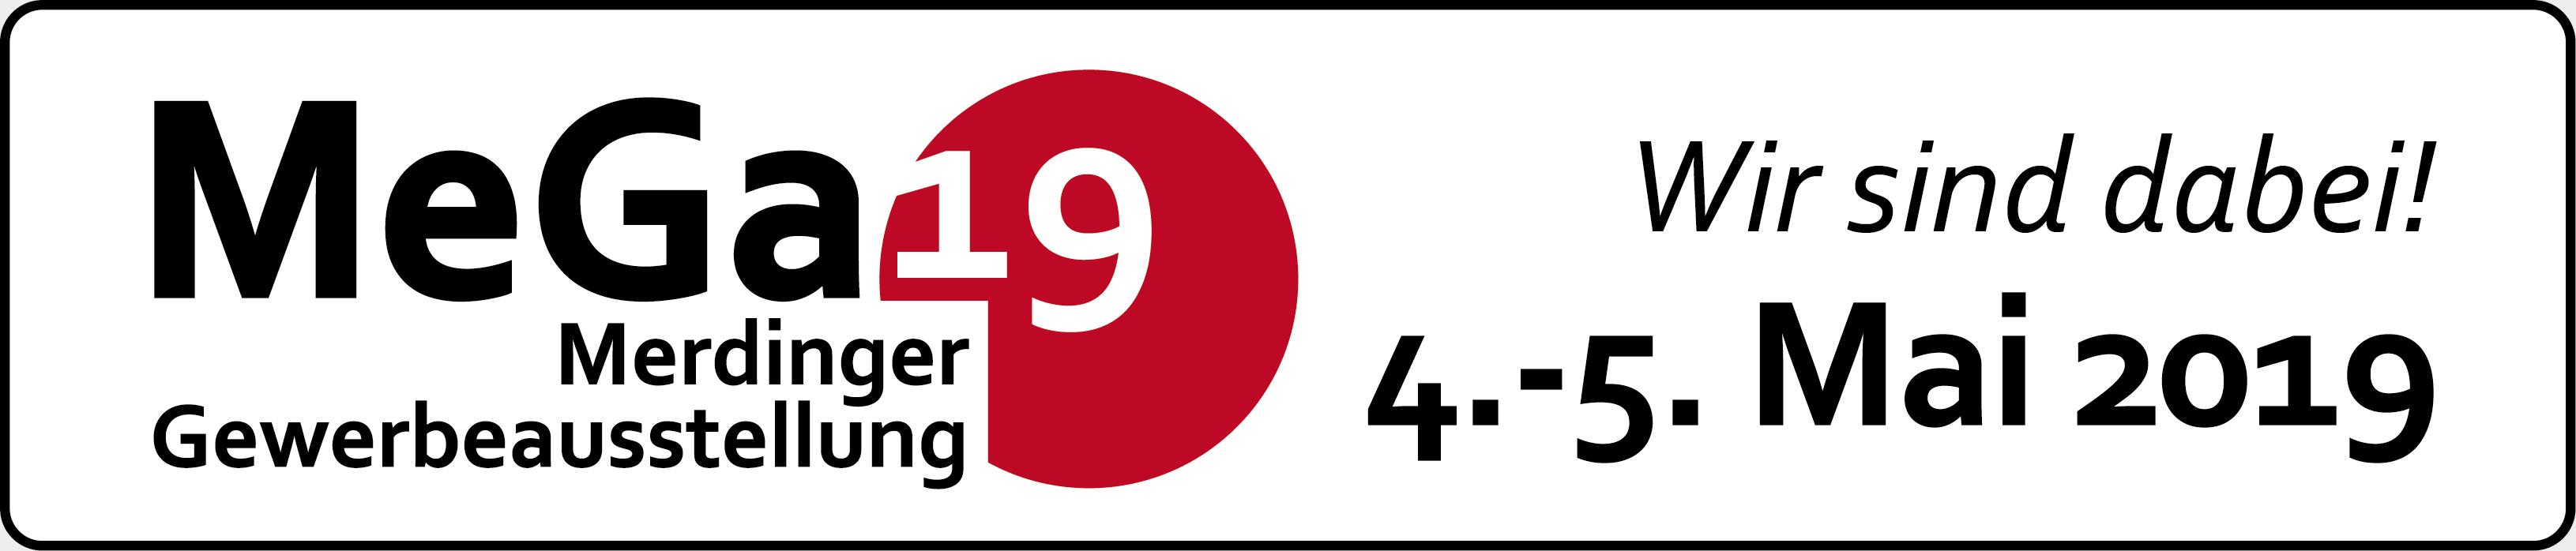 schnurr-die-raummoebelbauer-mega2019